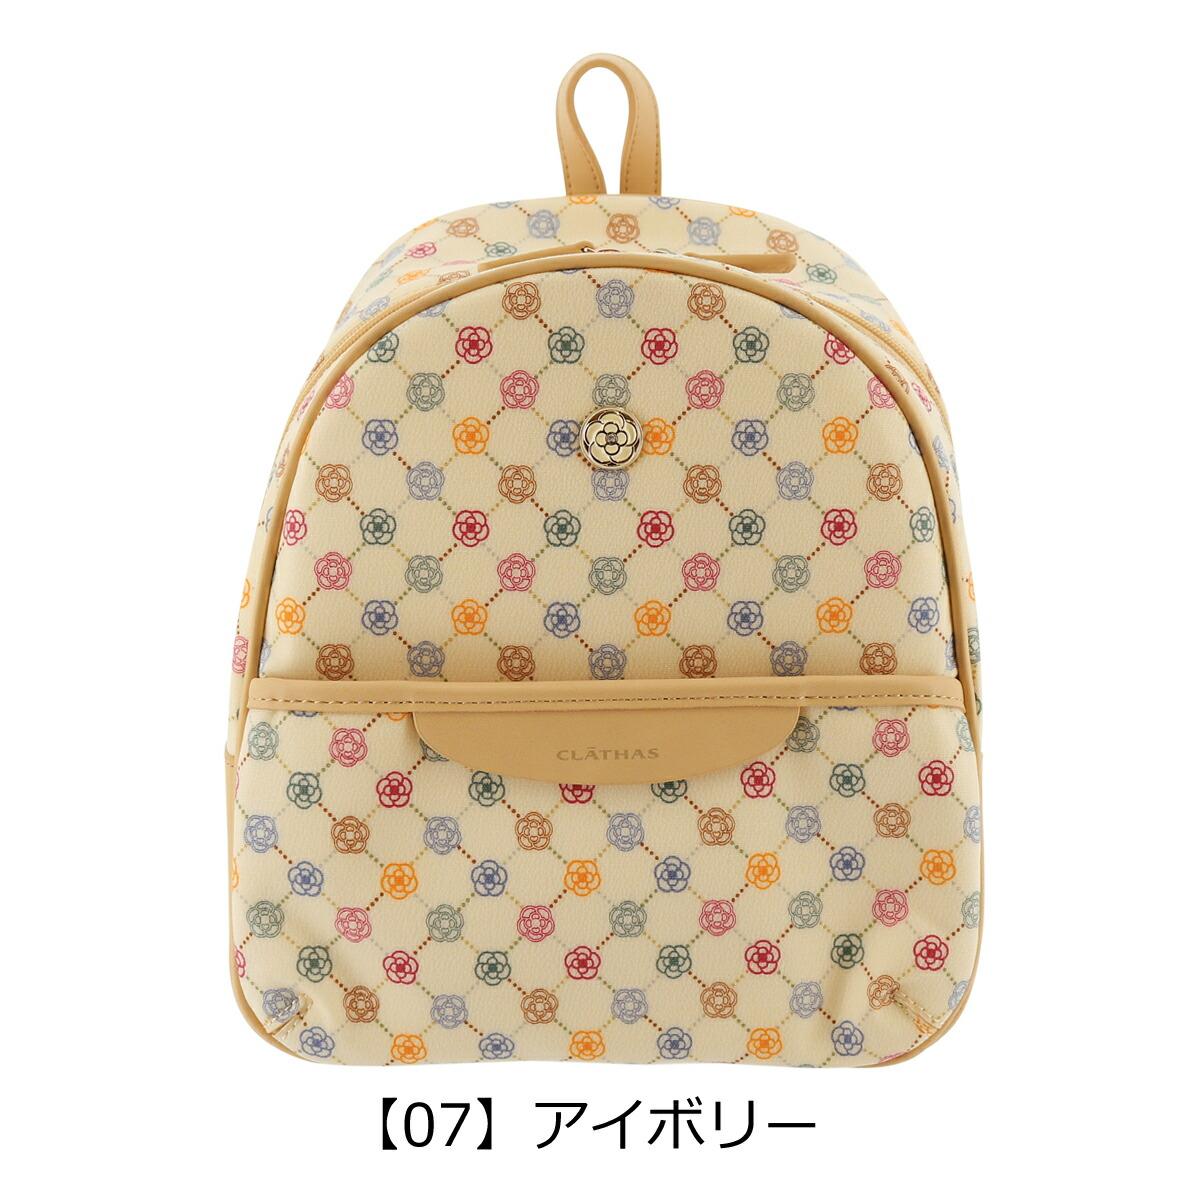 【07】アイボリ